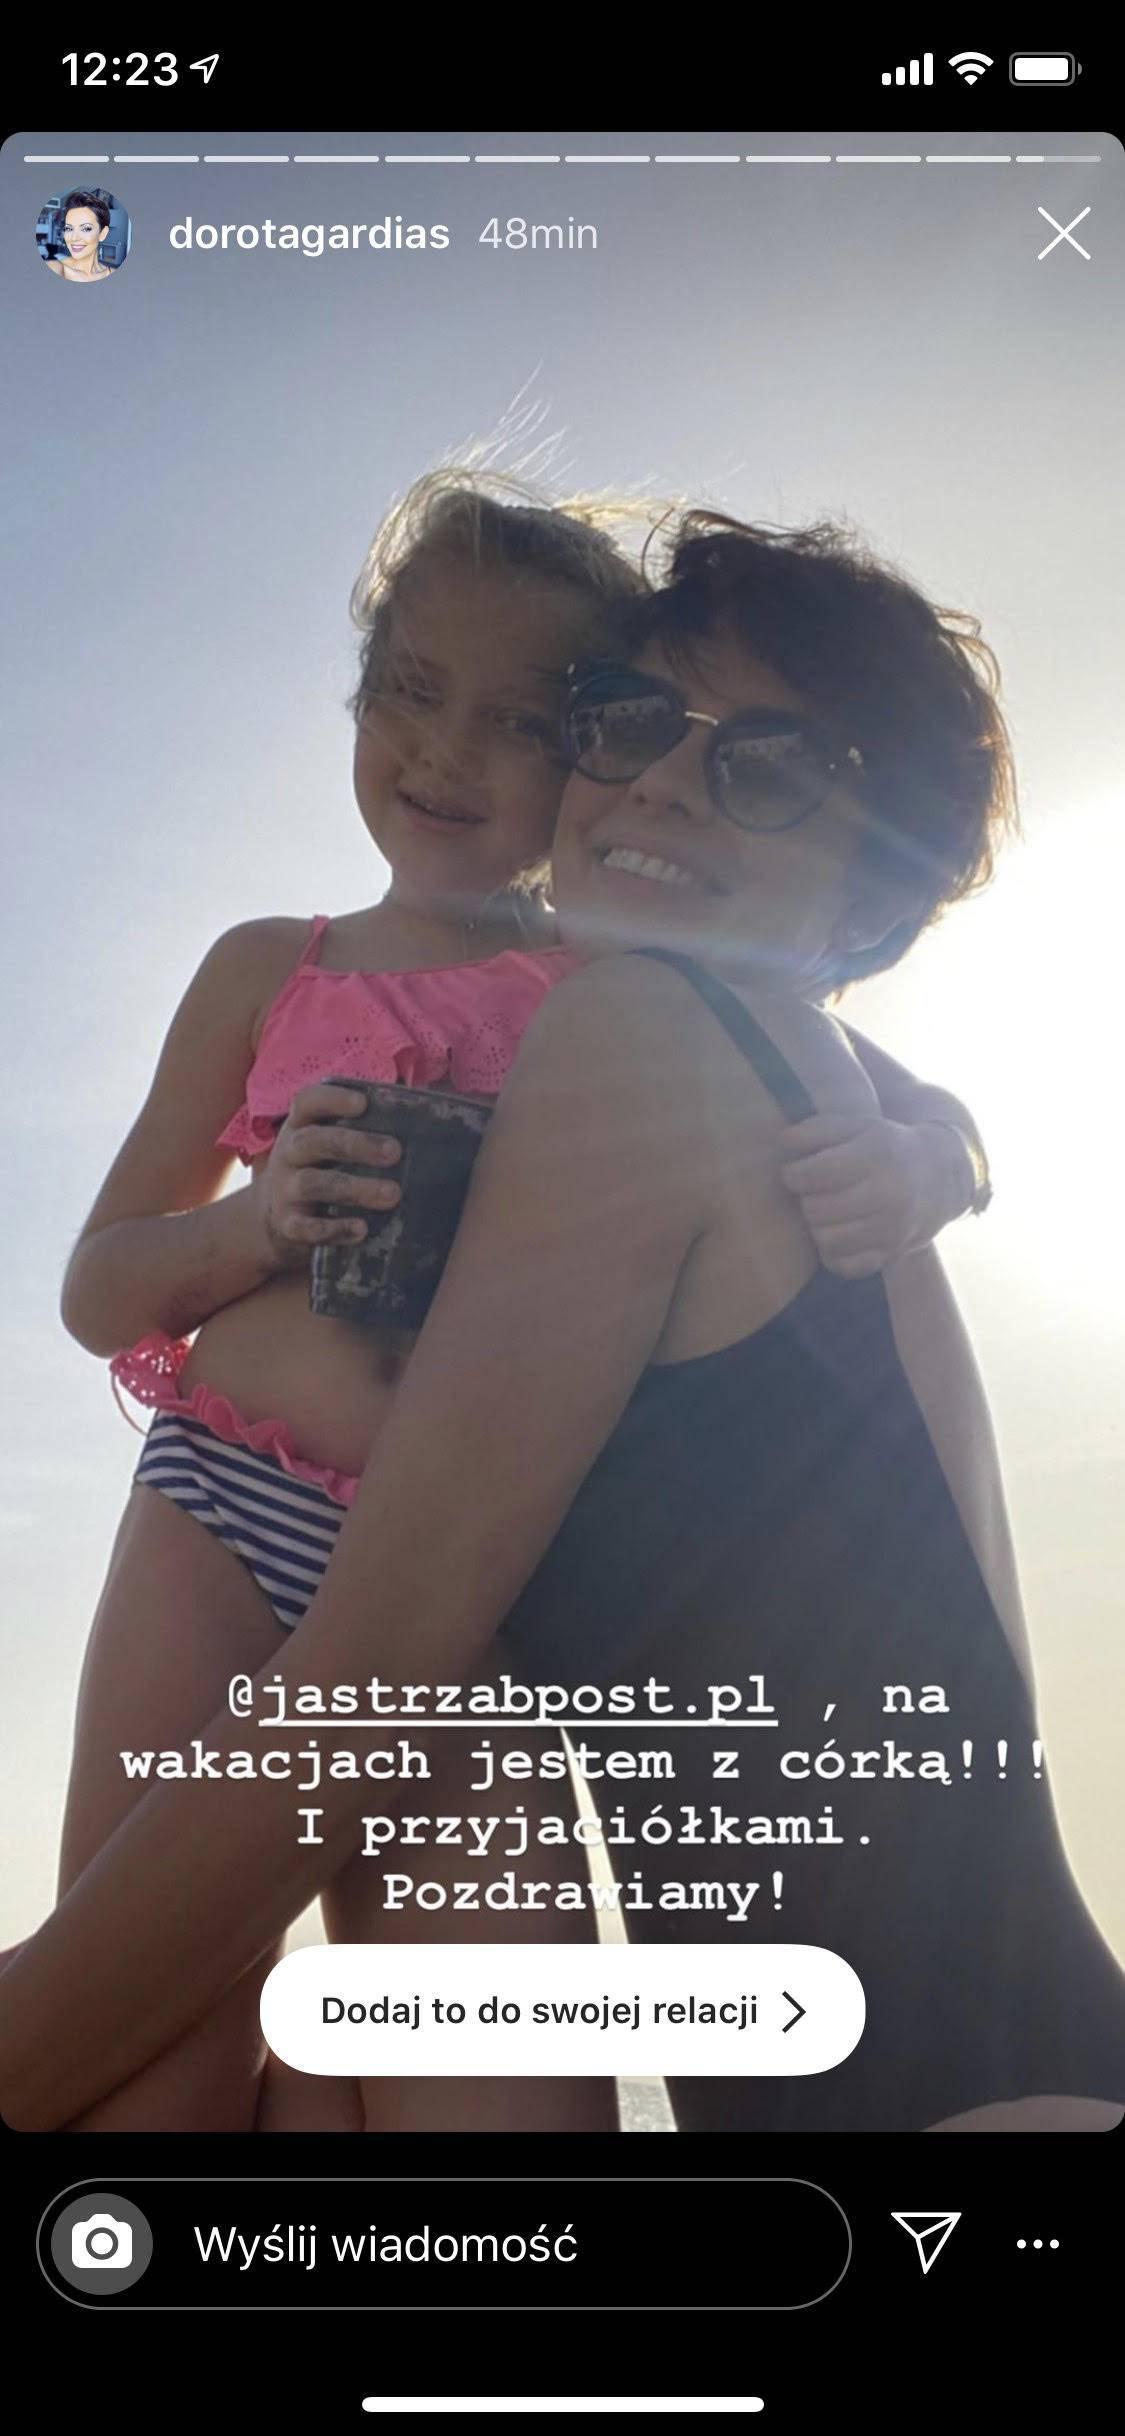 Dorota Gardias na wakacjach z córeczką